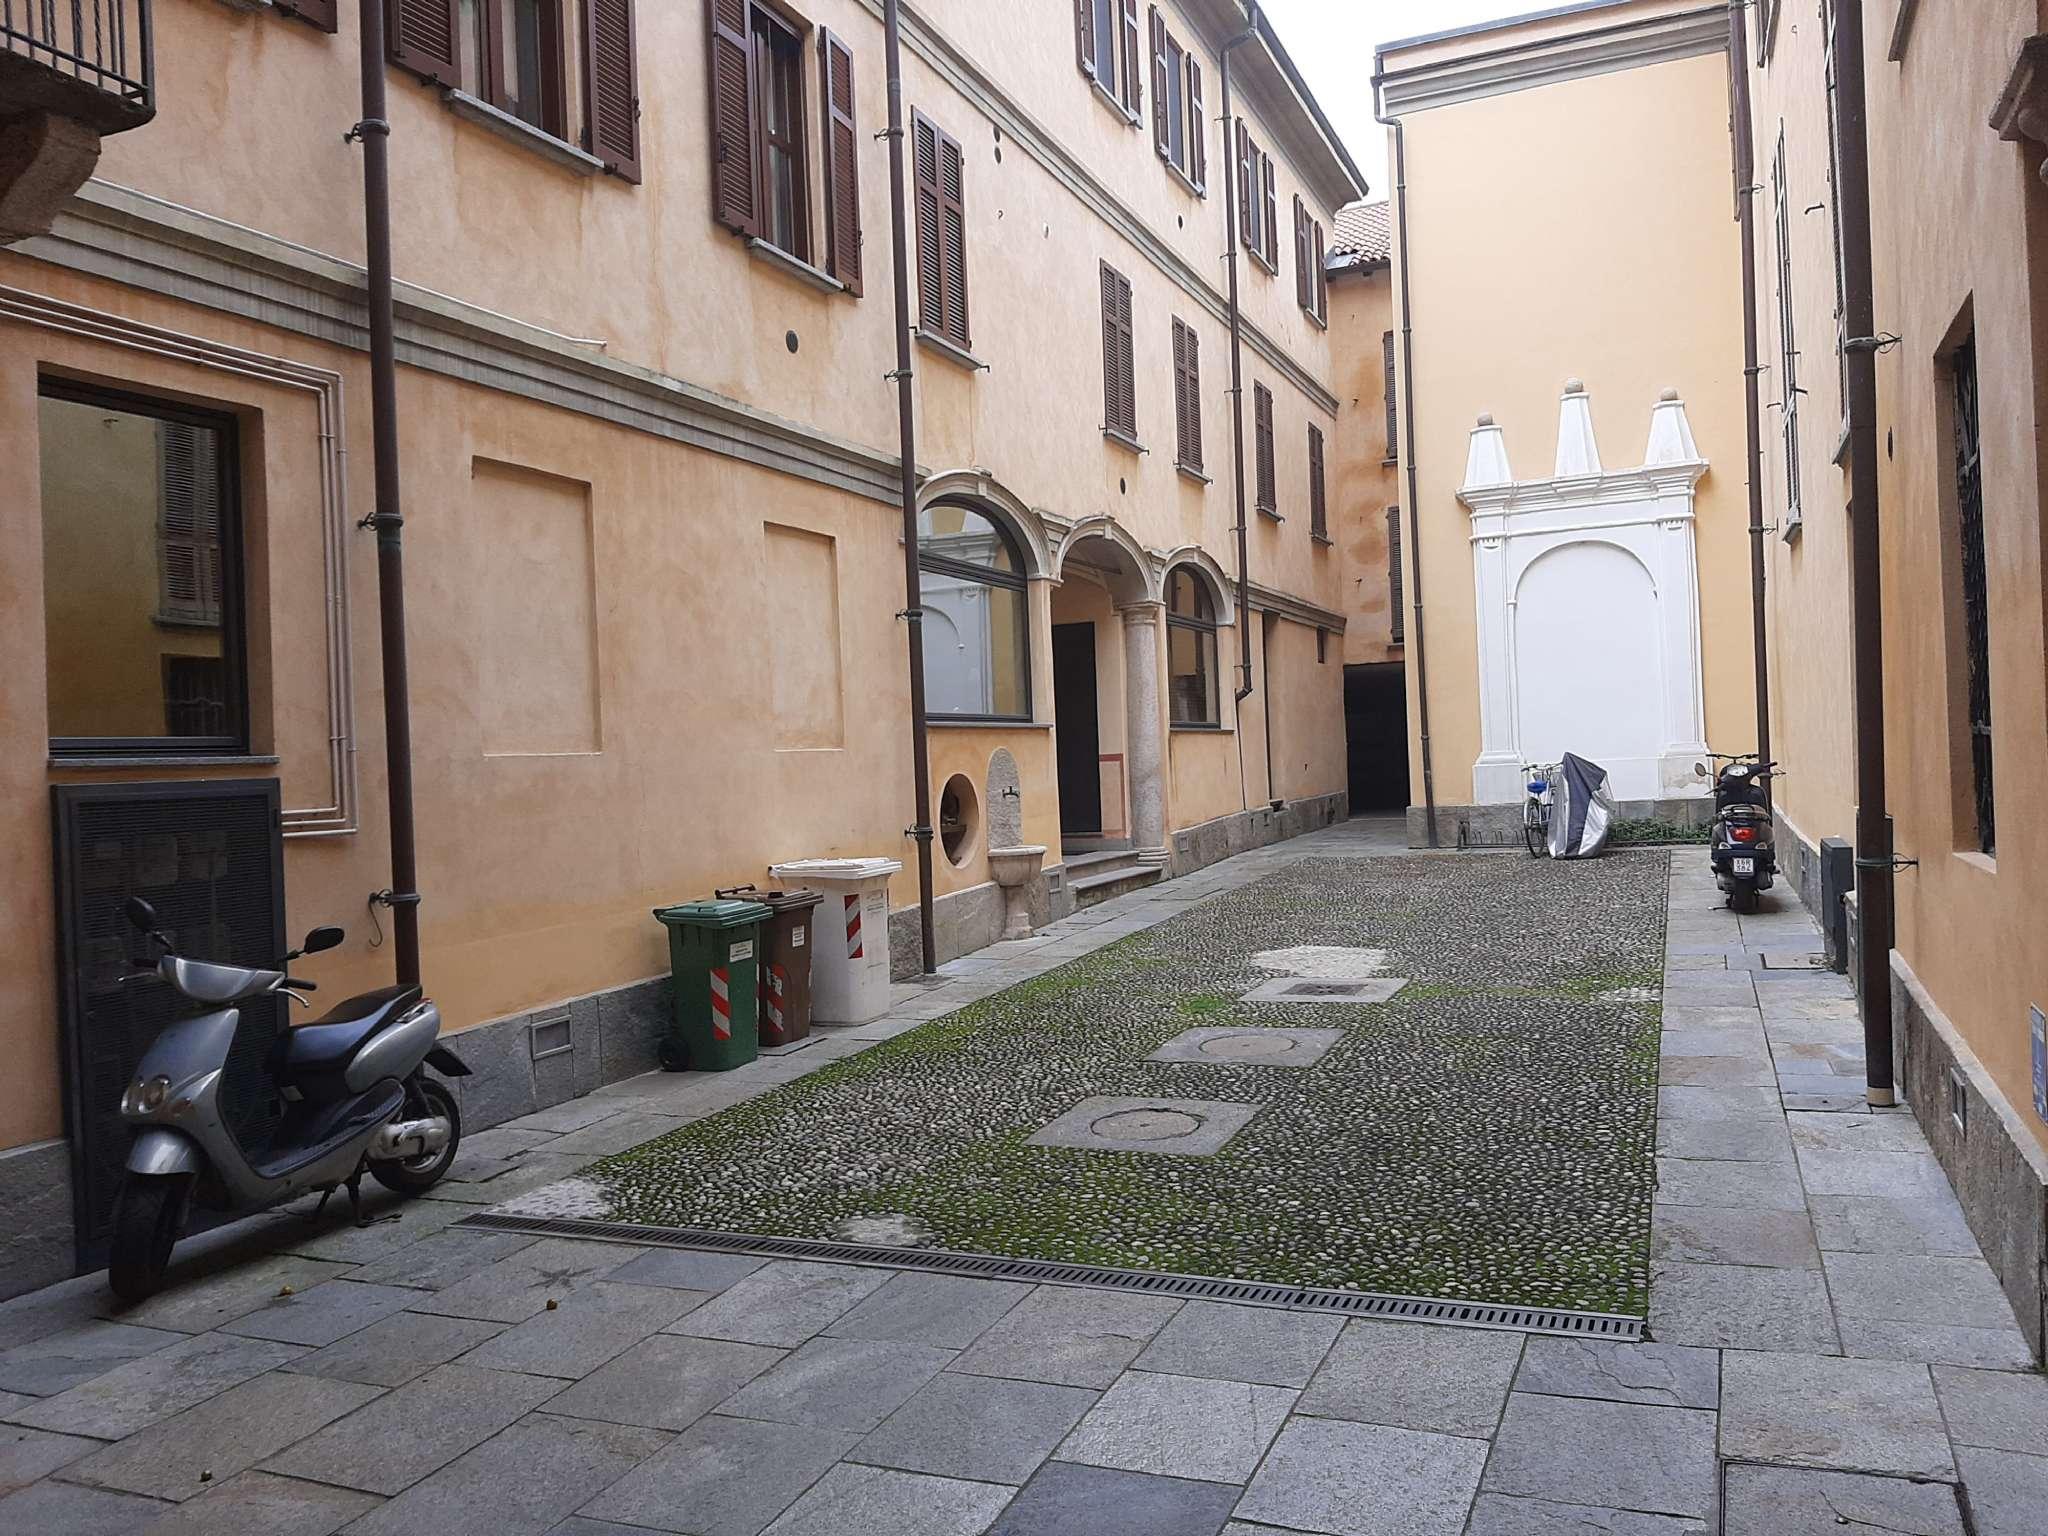 Negozio / Locale in affitto a Vigevano, 3 locali, prezzo € 700 | PortaleAgenzieImmobiliari.it